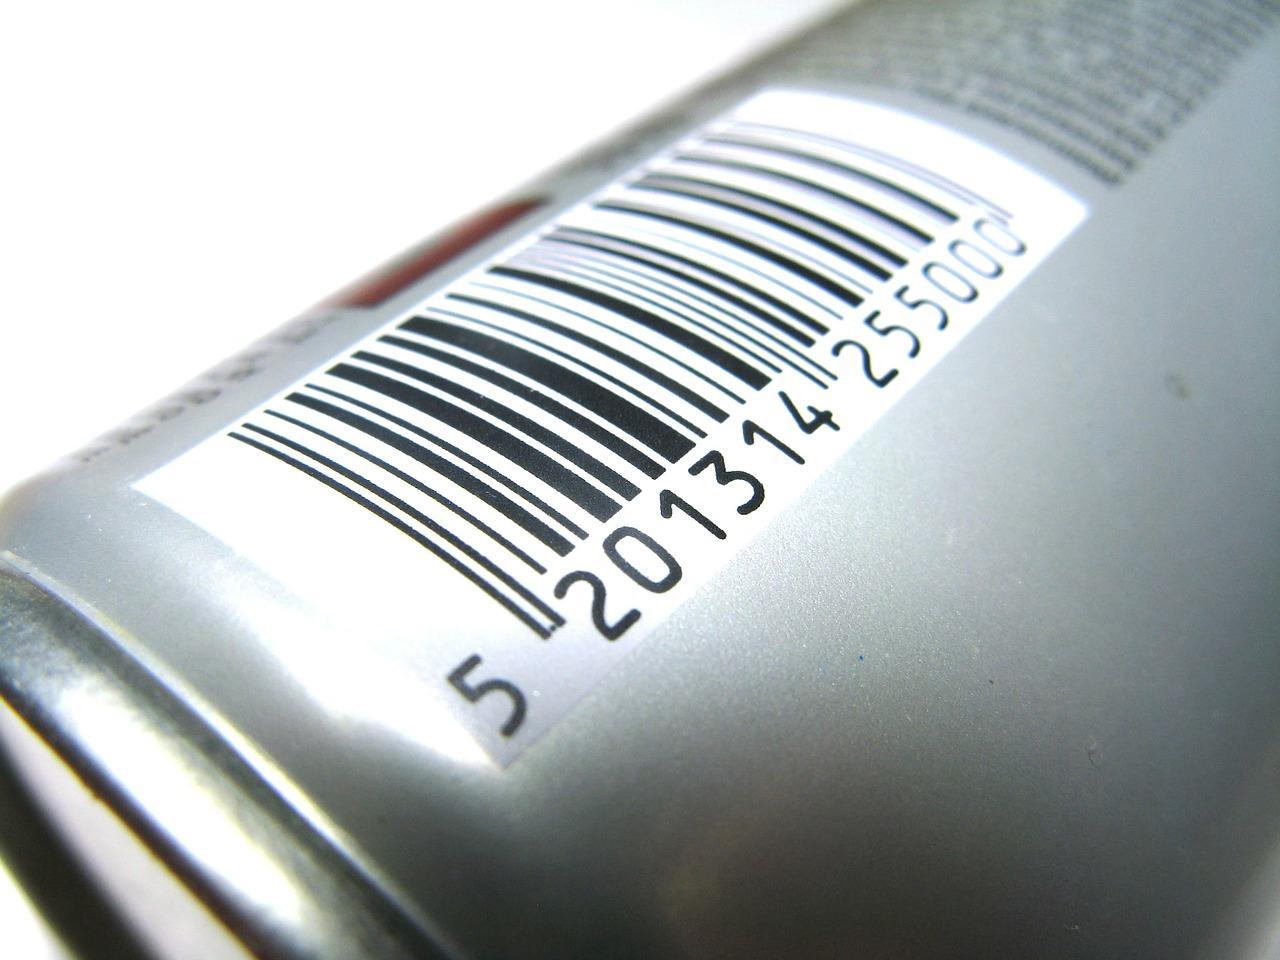 ¿Para qué sirven los códigos de barras?